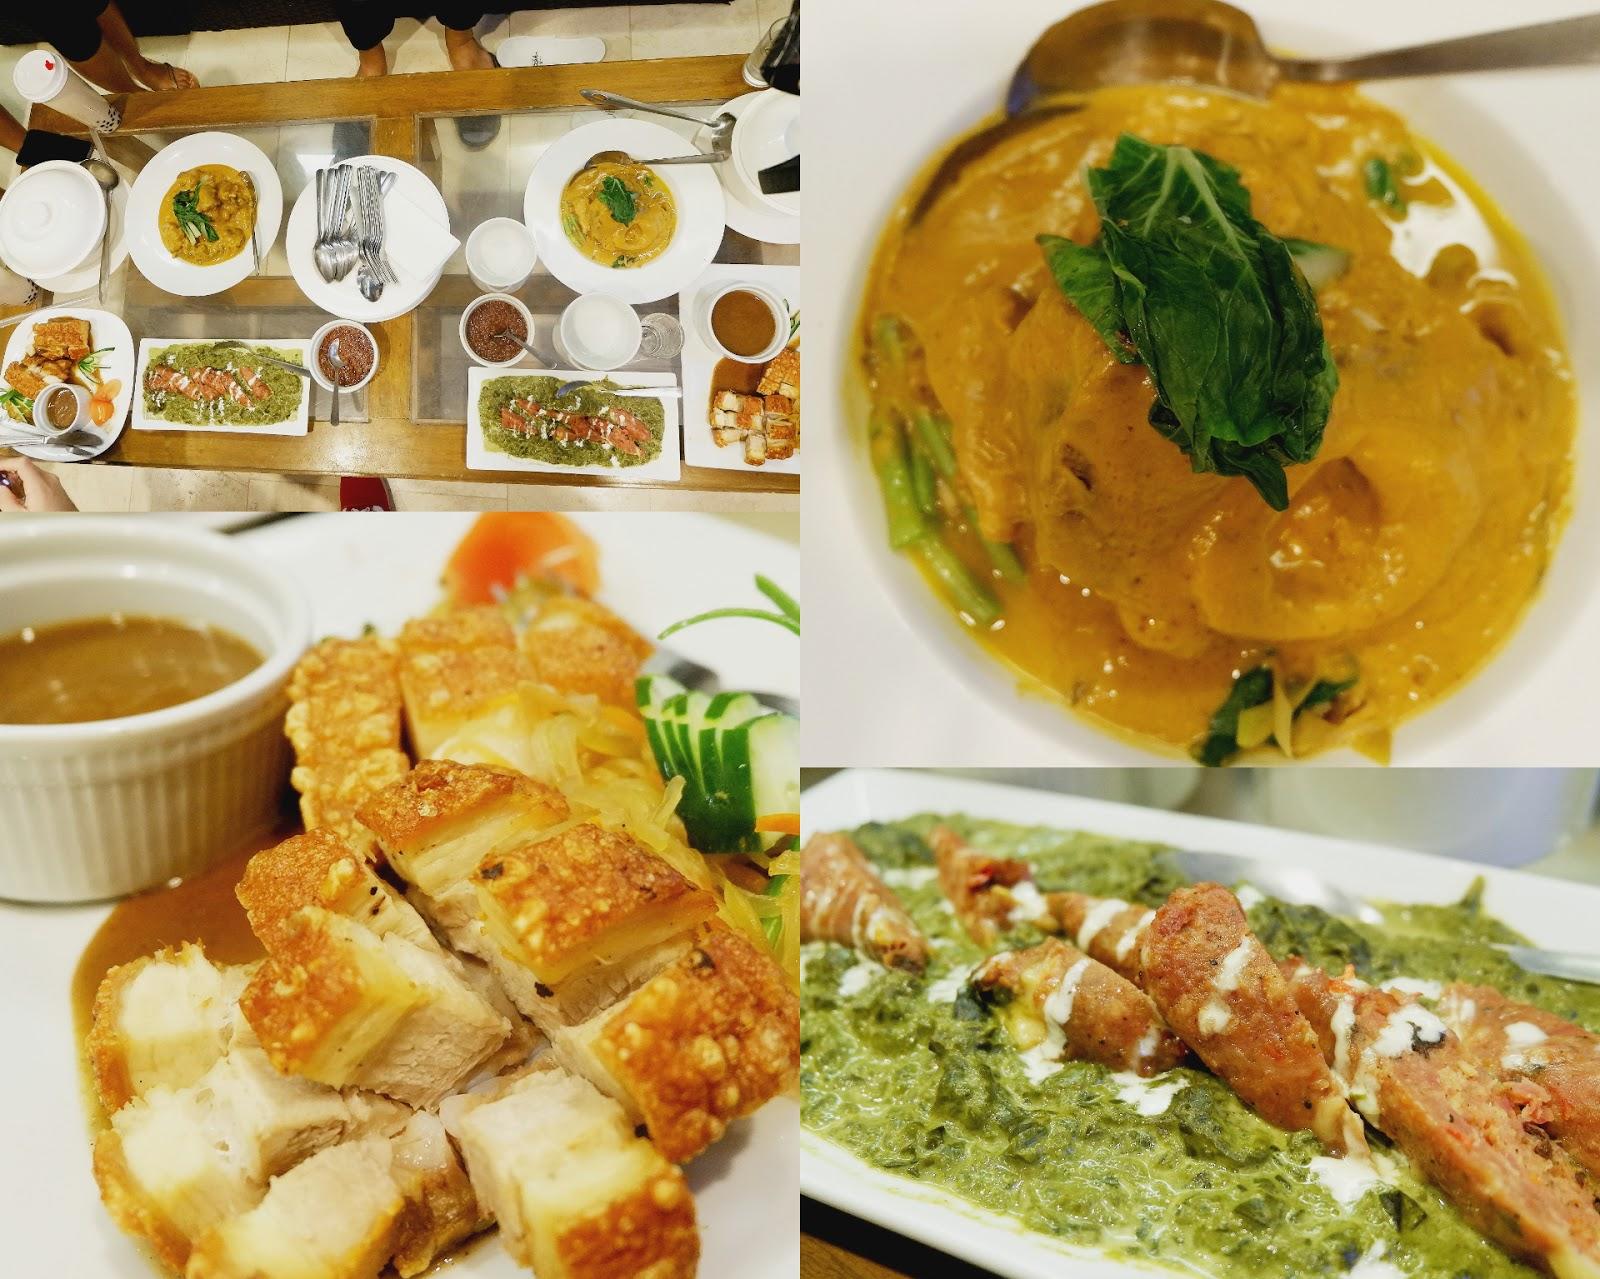 yummy dinner at selah garden hotel